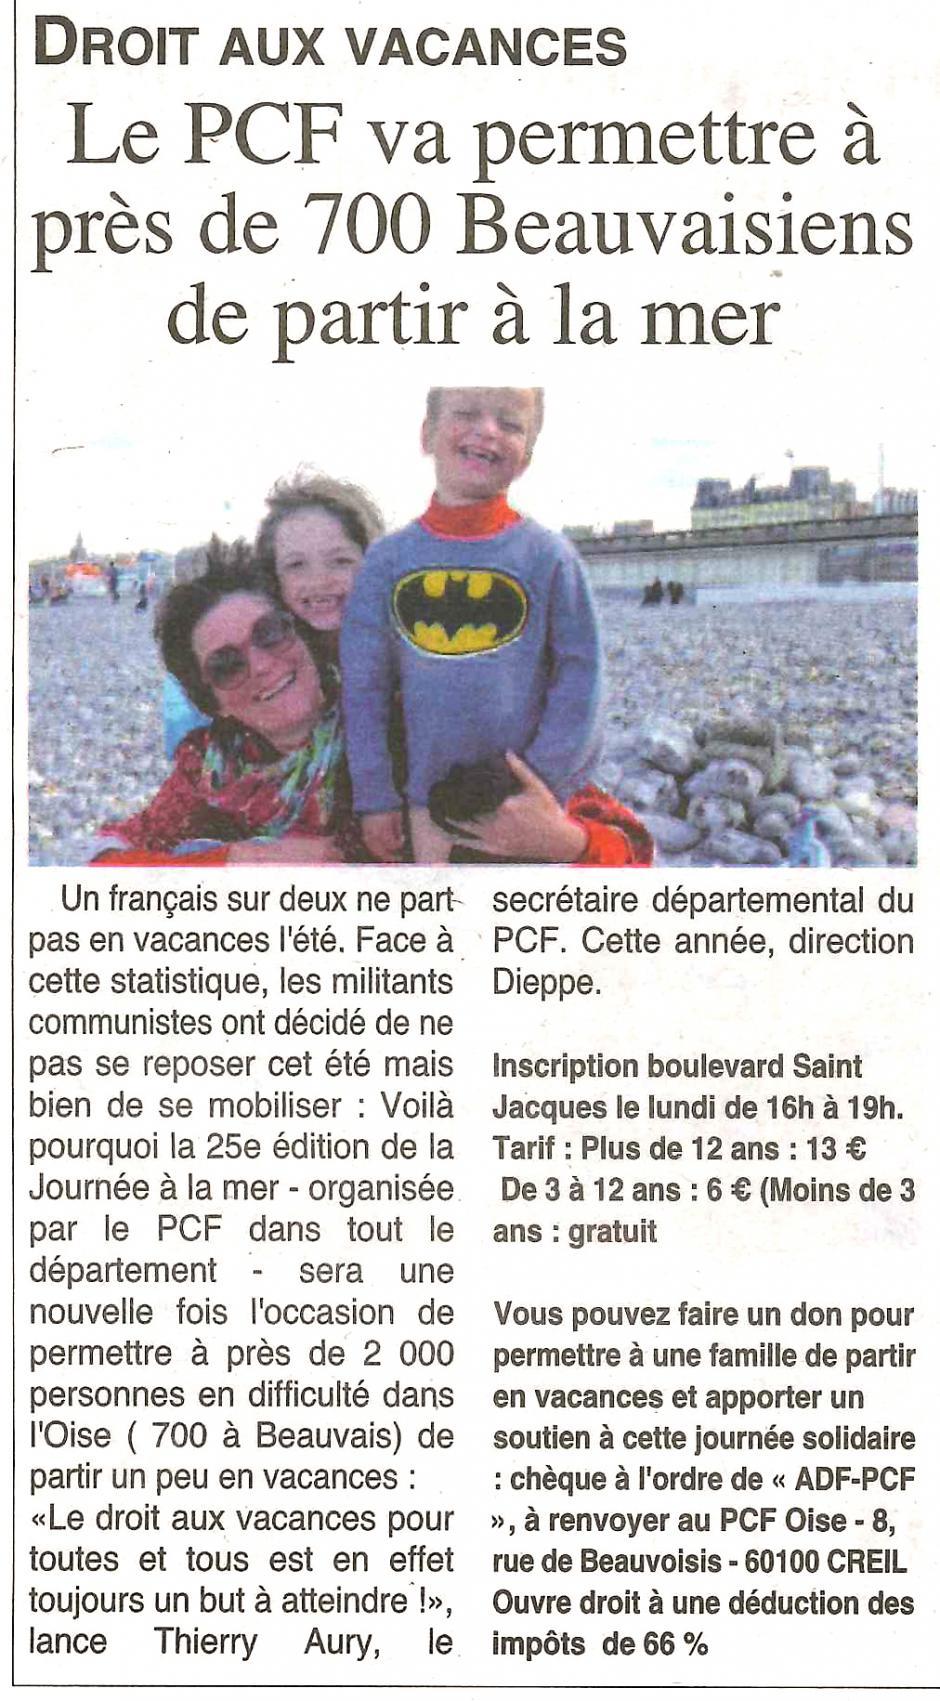 20190710-OH-Oise-Le PCF va permettre à près de 700 Beauvaisiens de partir à la mer